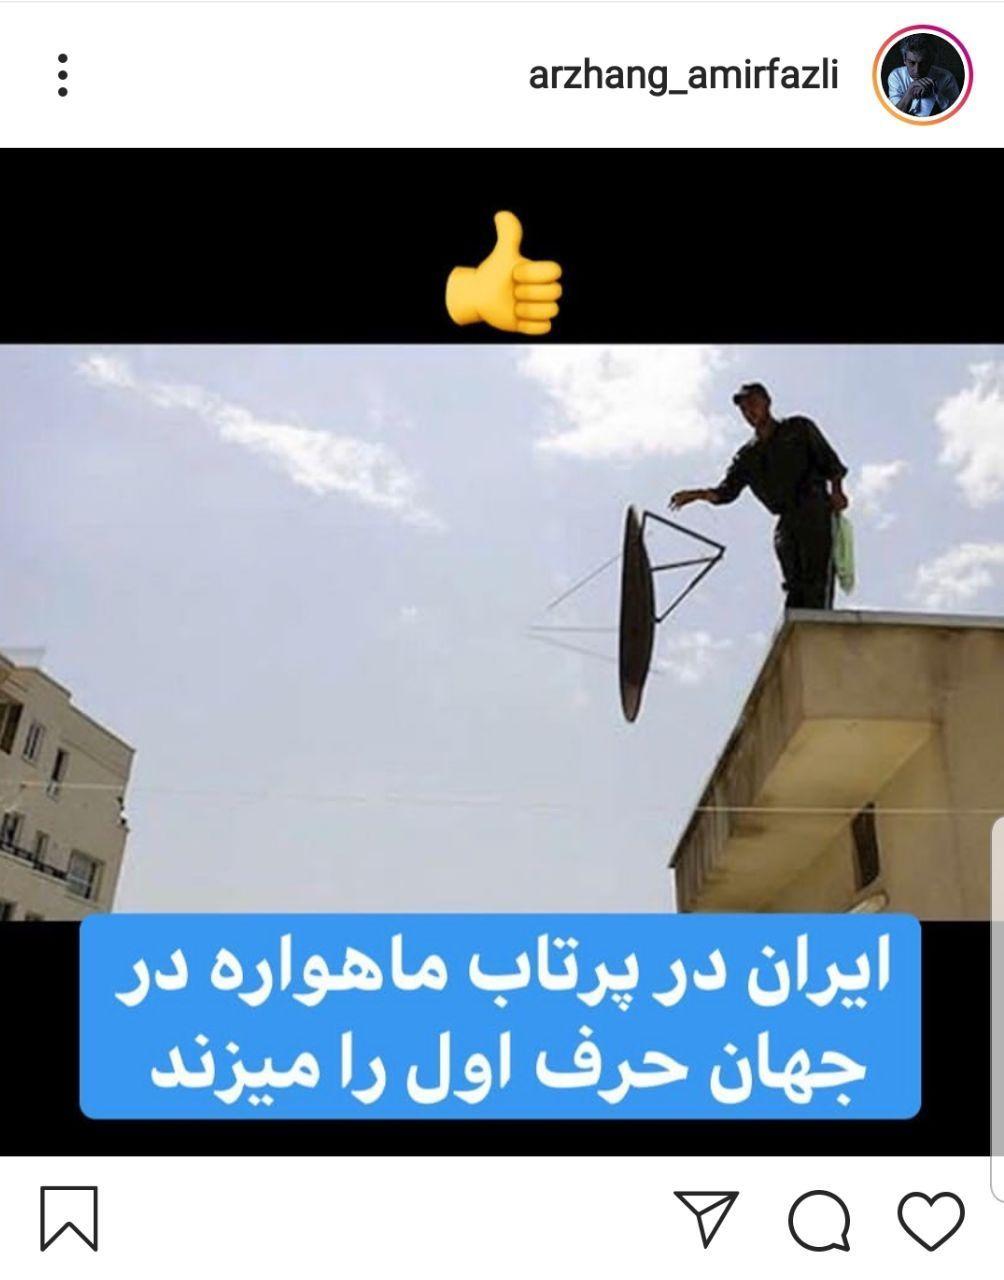 ایران در پرتاب ماهواره در جهان … 429246001581378604